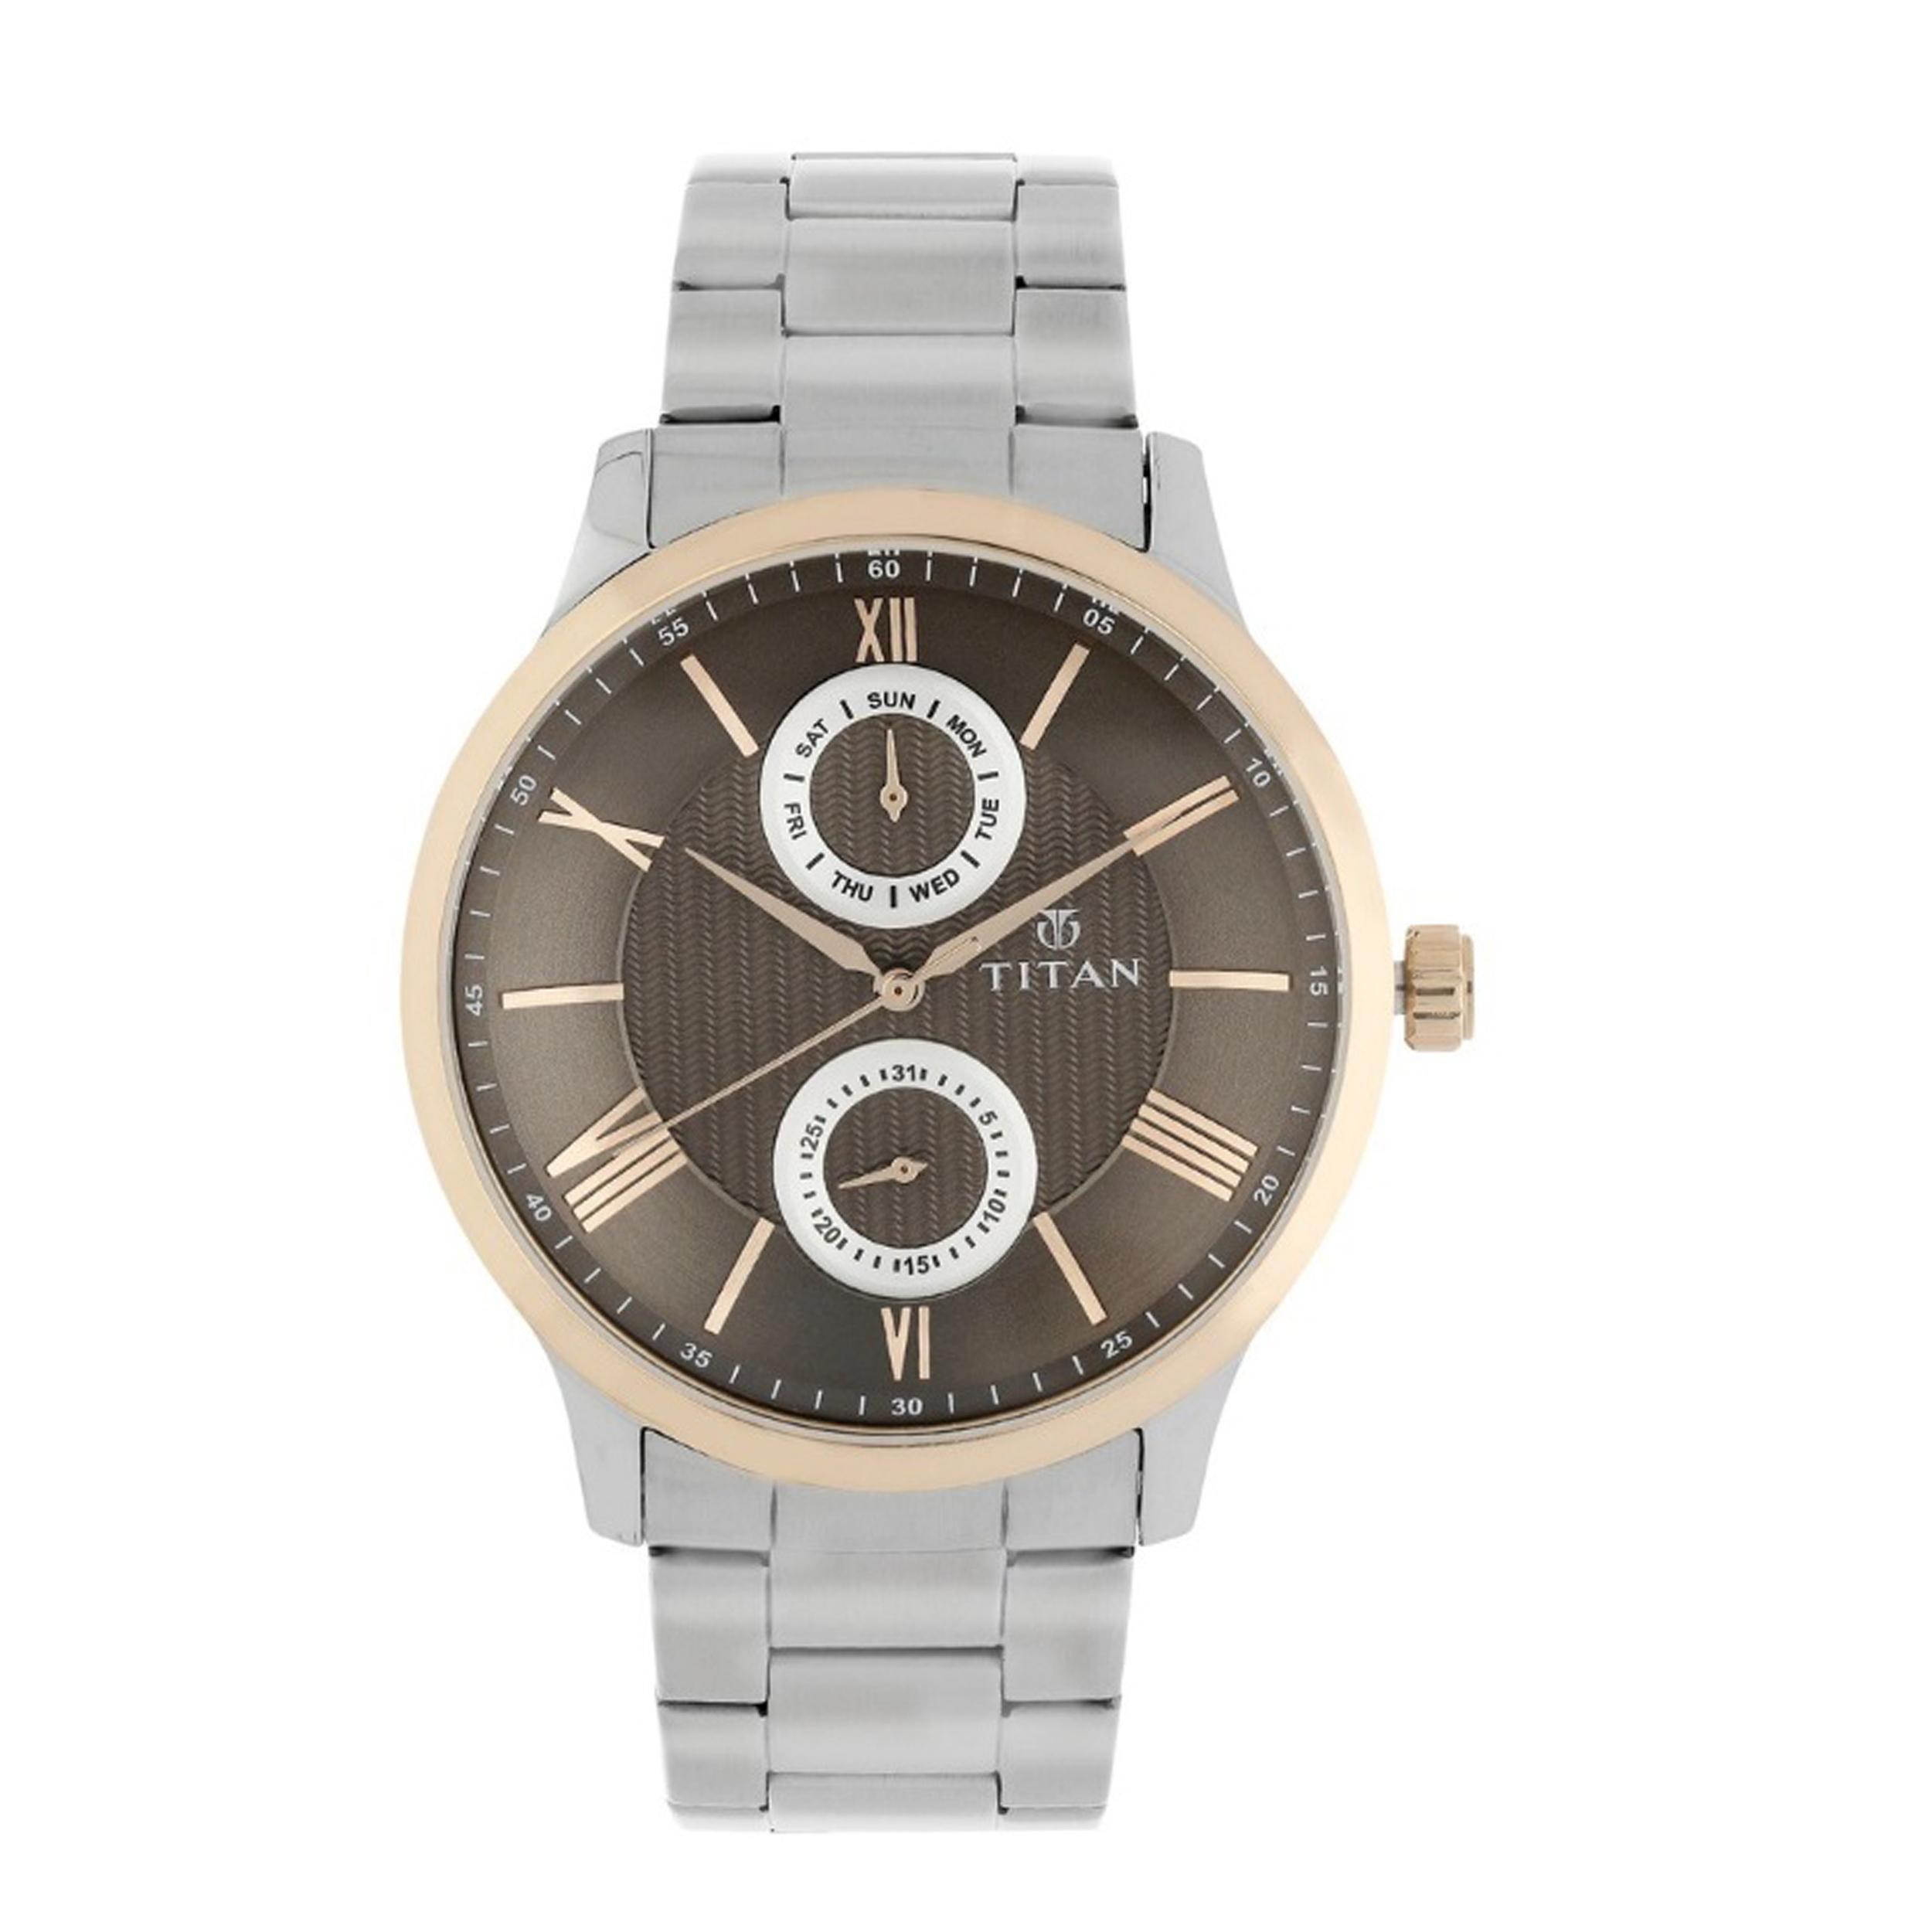 ساعت مچی عقربه ای مردانه تیتان مدل T90100KM01